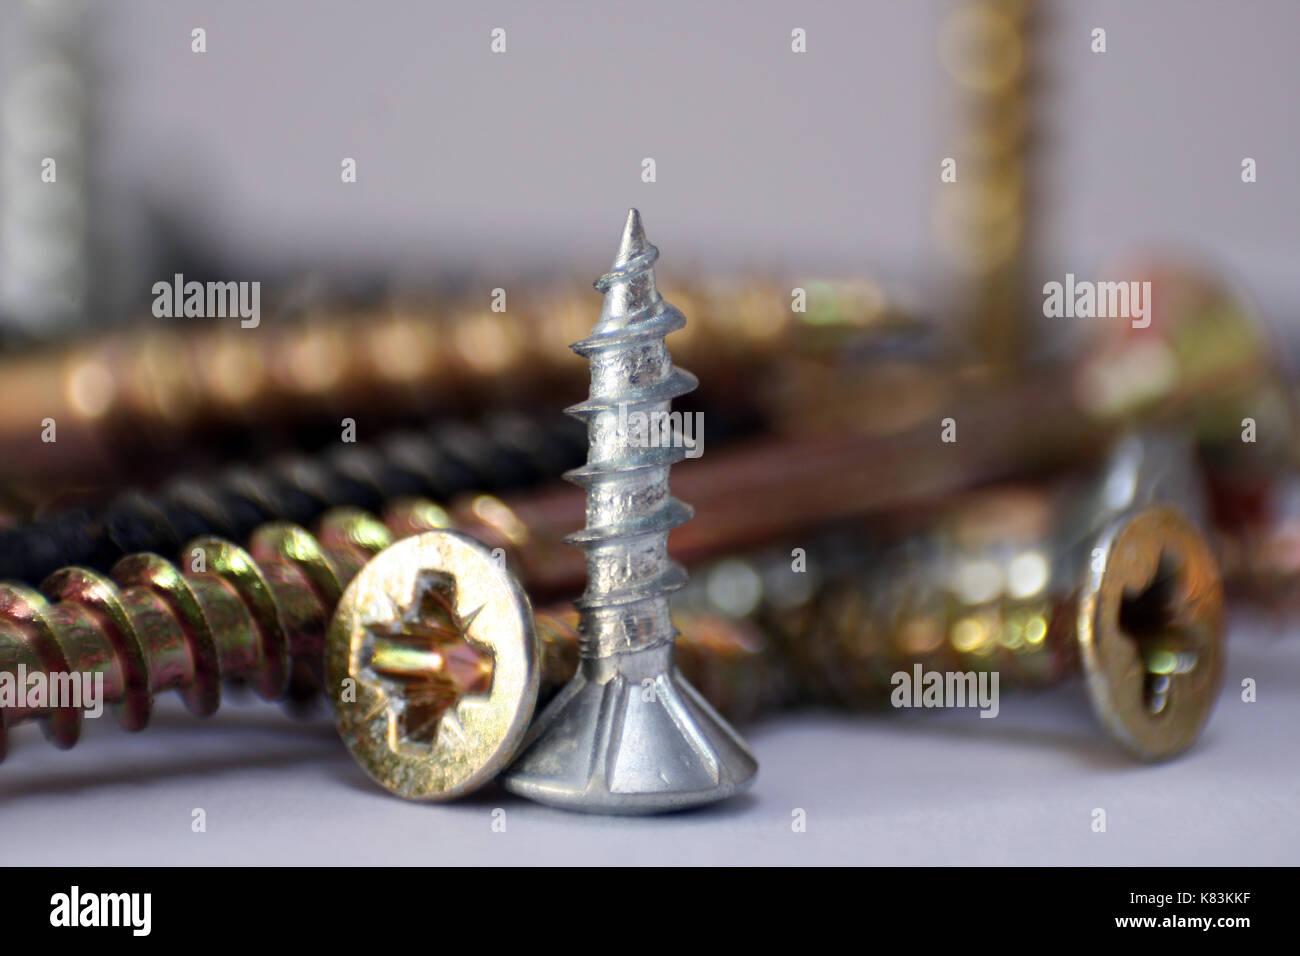 Schrauben im Detail nicht sotiert - Stock Image